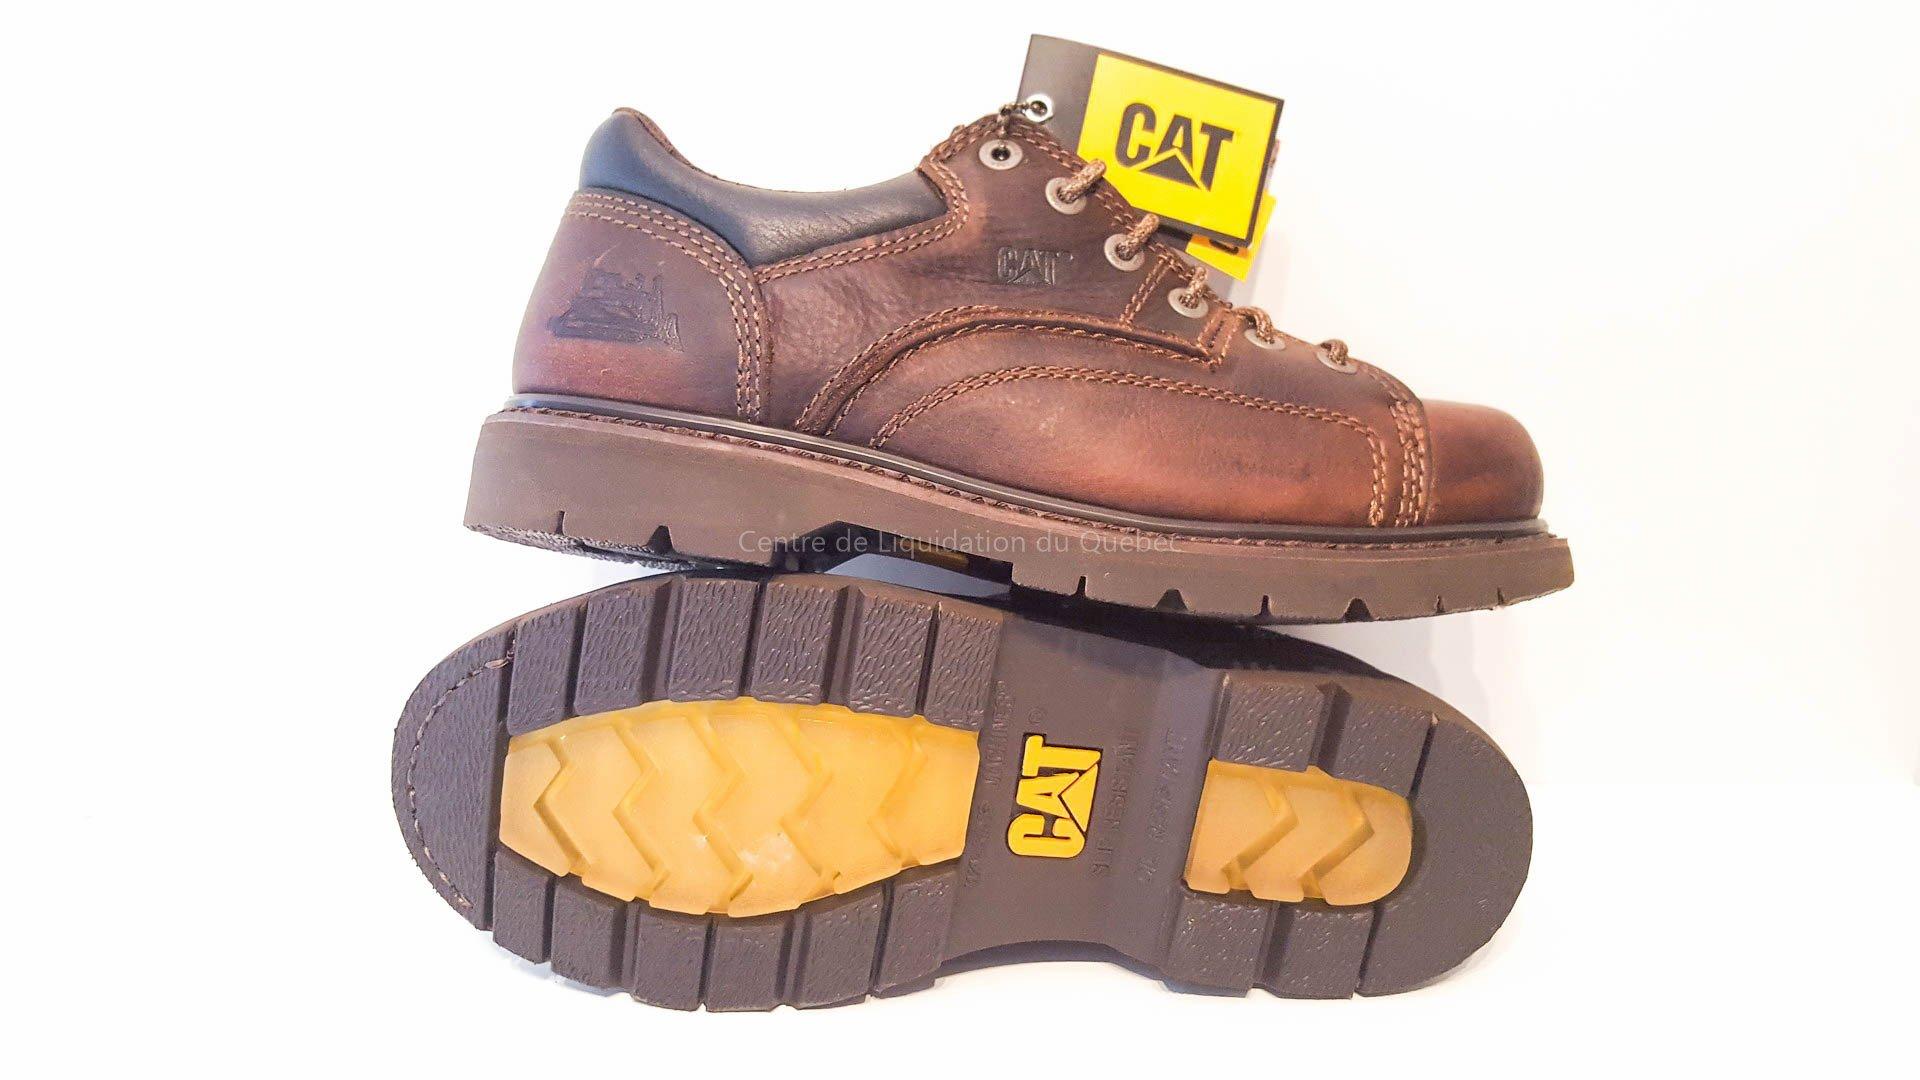 cat P710712 Caterpillar Chaussure Sécurité De Liquidation qftS4S